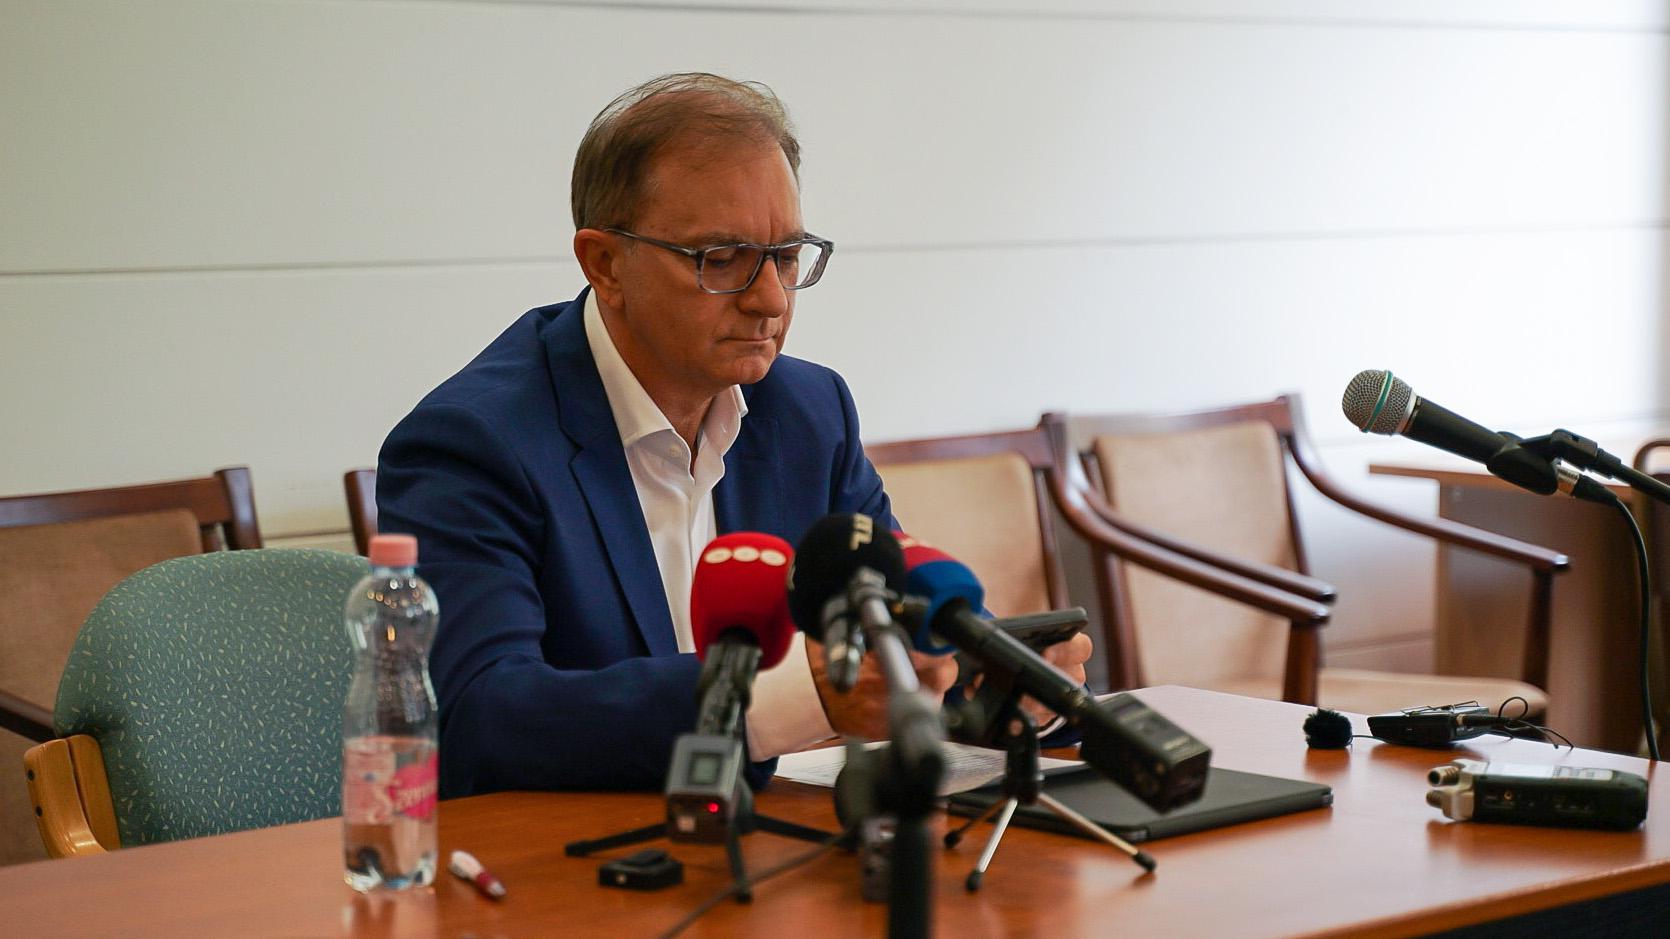 Mit jelent Tóth Csaba visszalépése? - Rendkívüli adás a 444 Facebook-csoportjában hétfő este